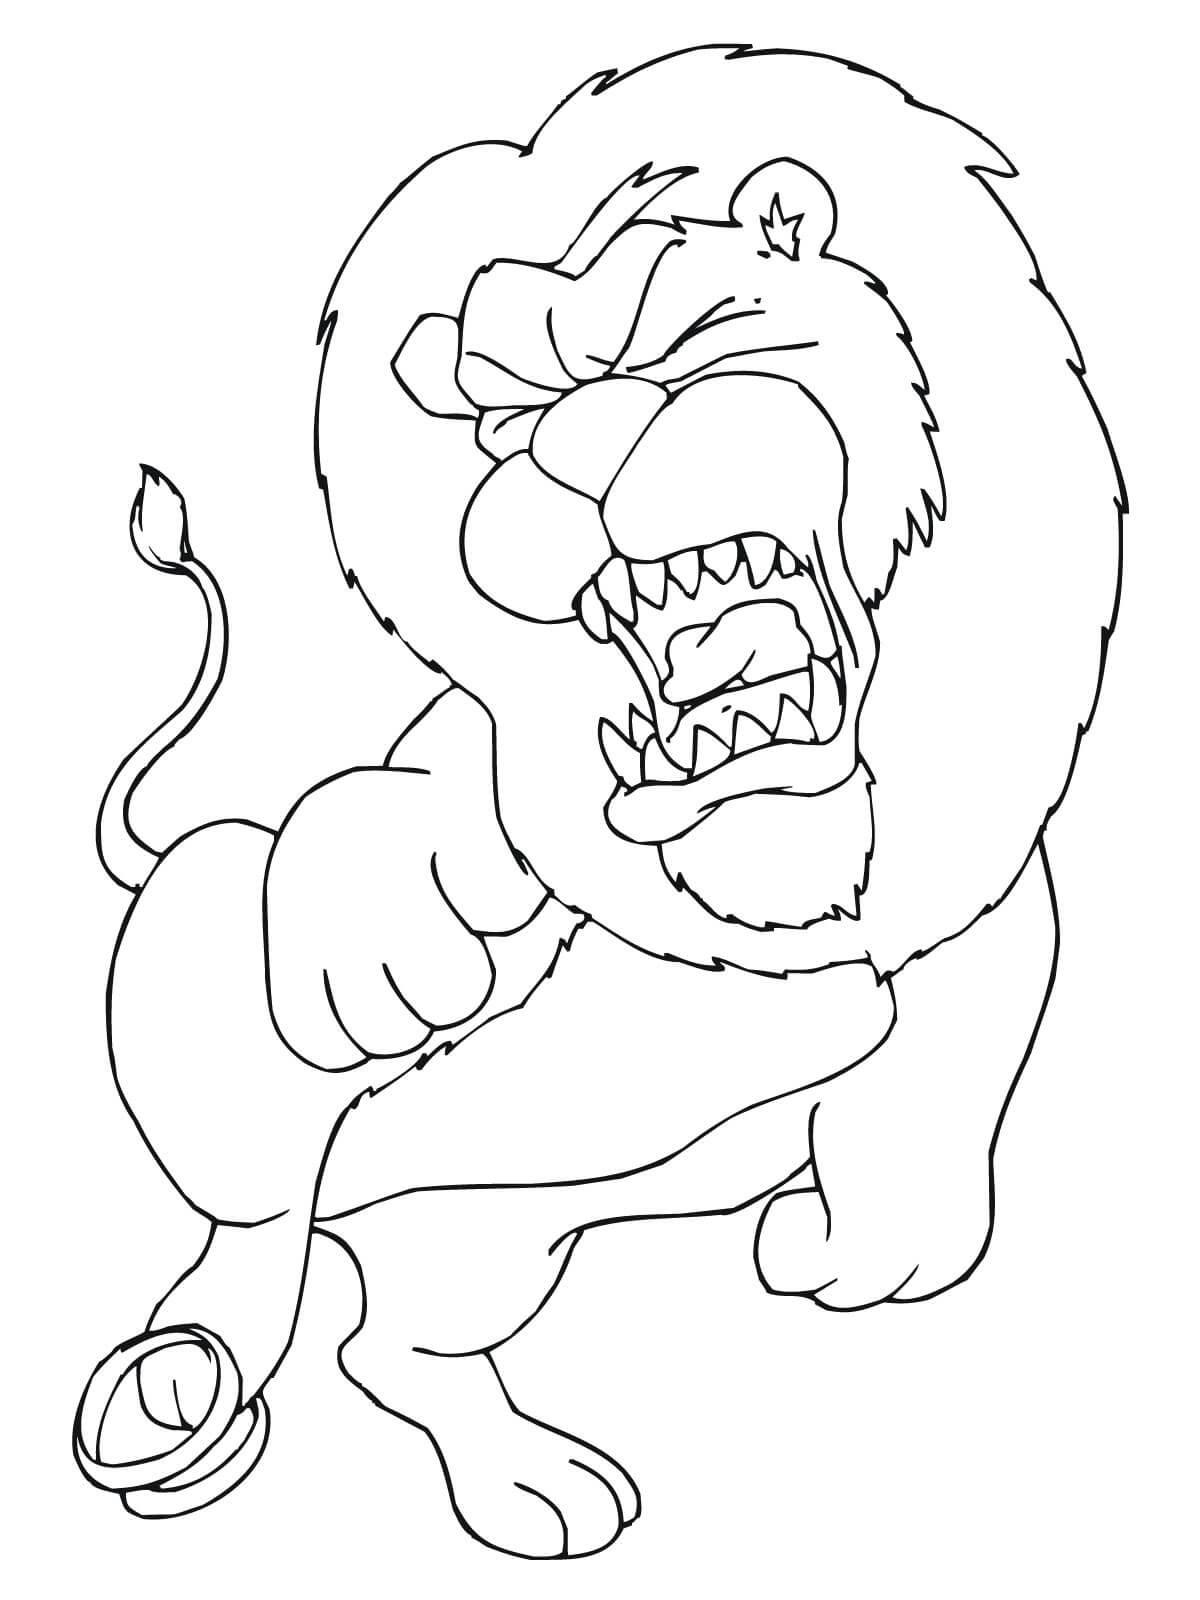 Раскраска лев в боли